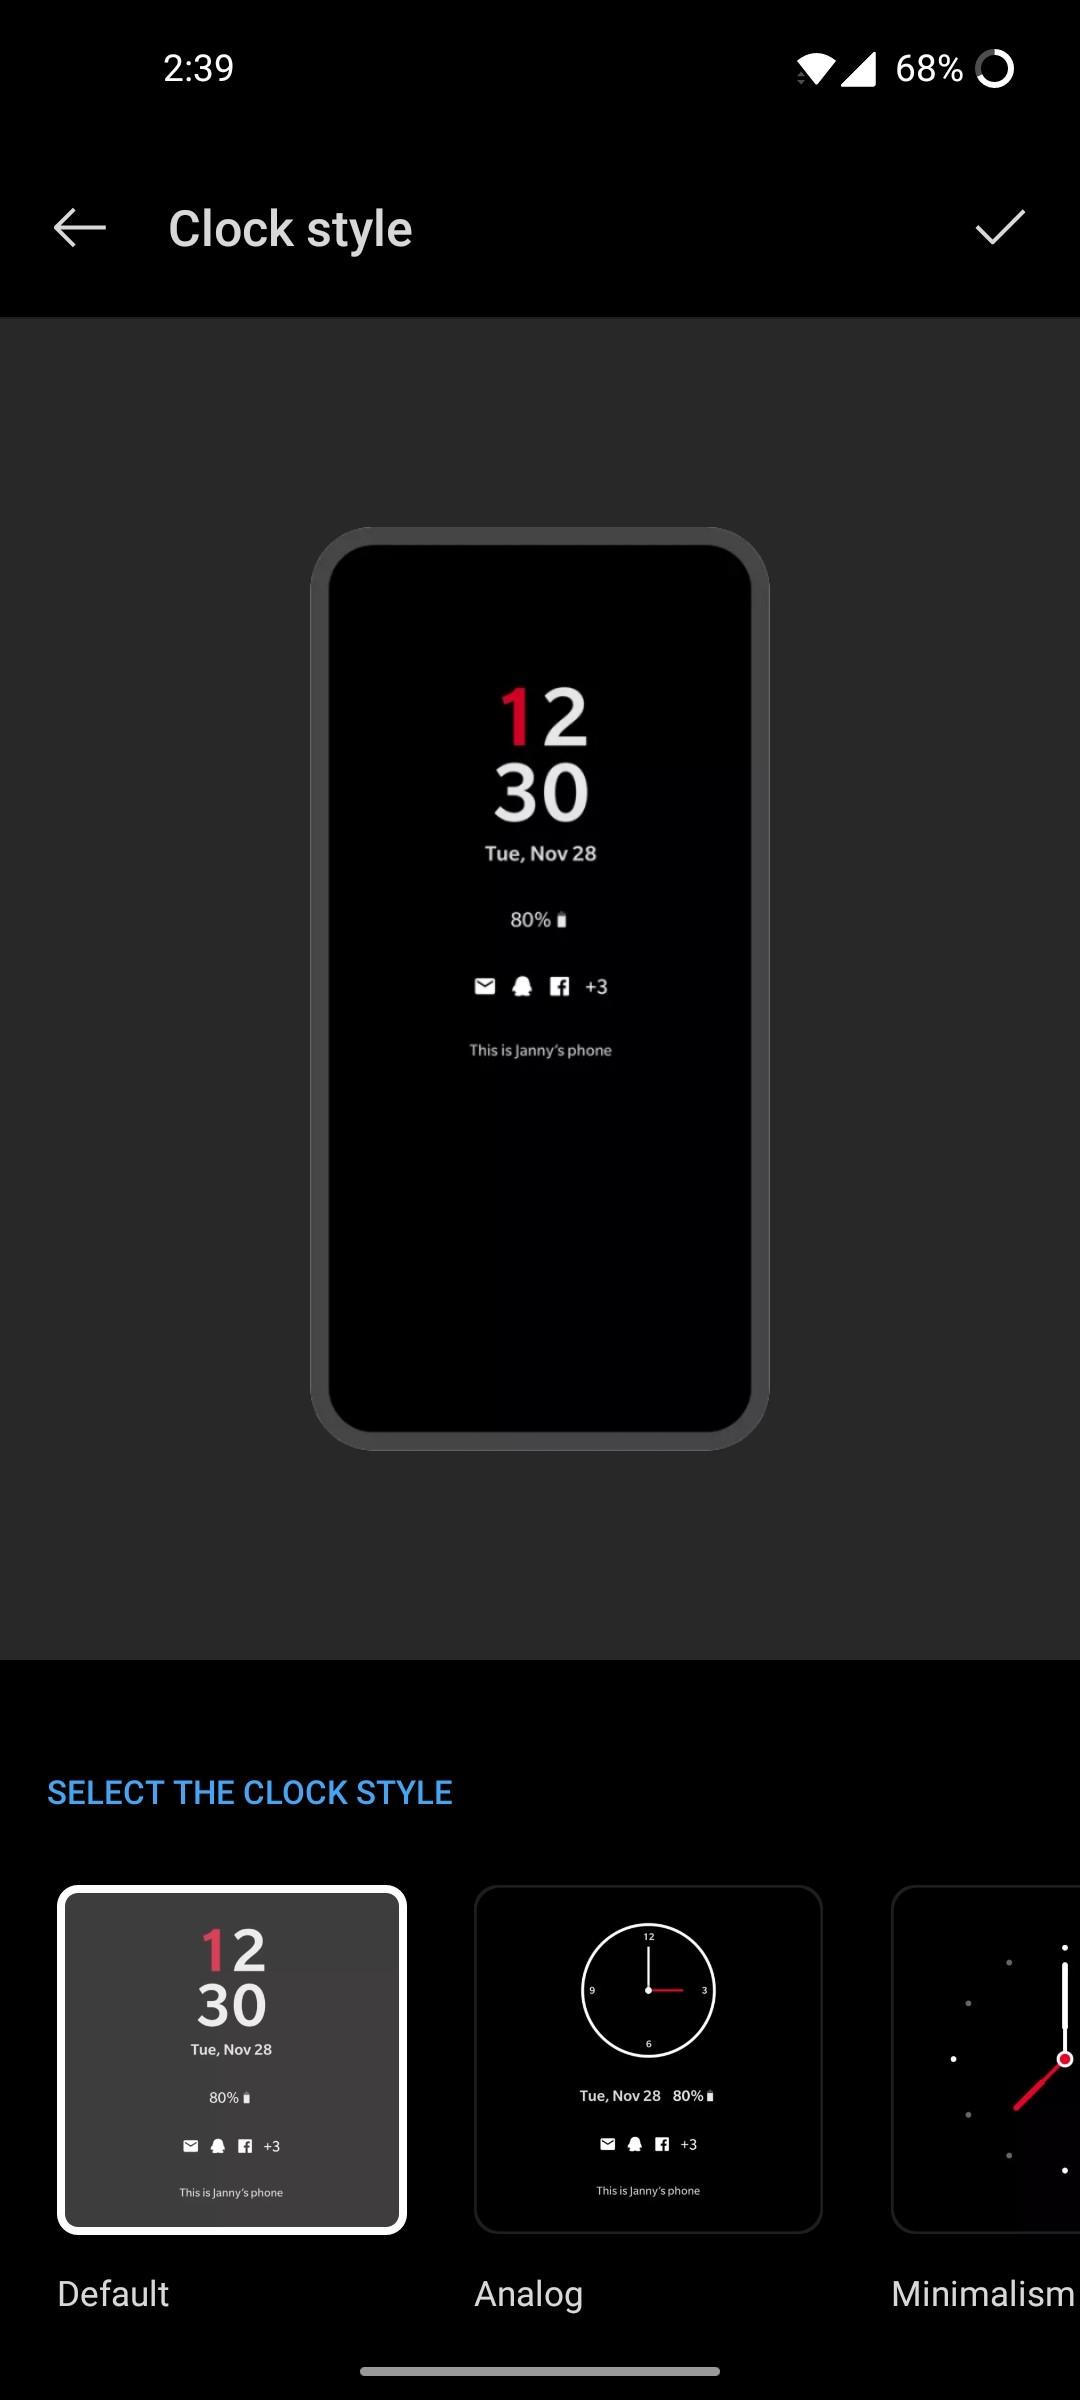 بررسی کامل و تخصصی گوشی وان پلاس 8 : شوالیه تاریکی